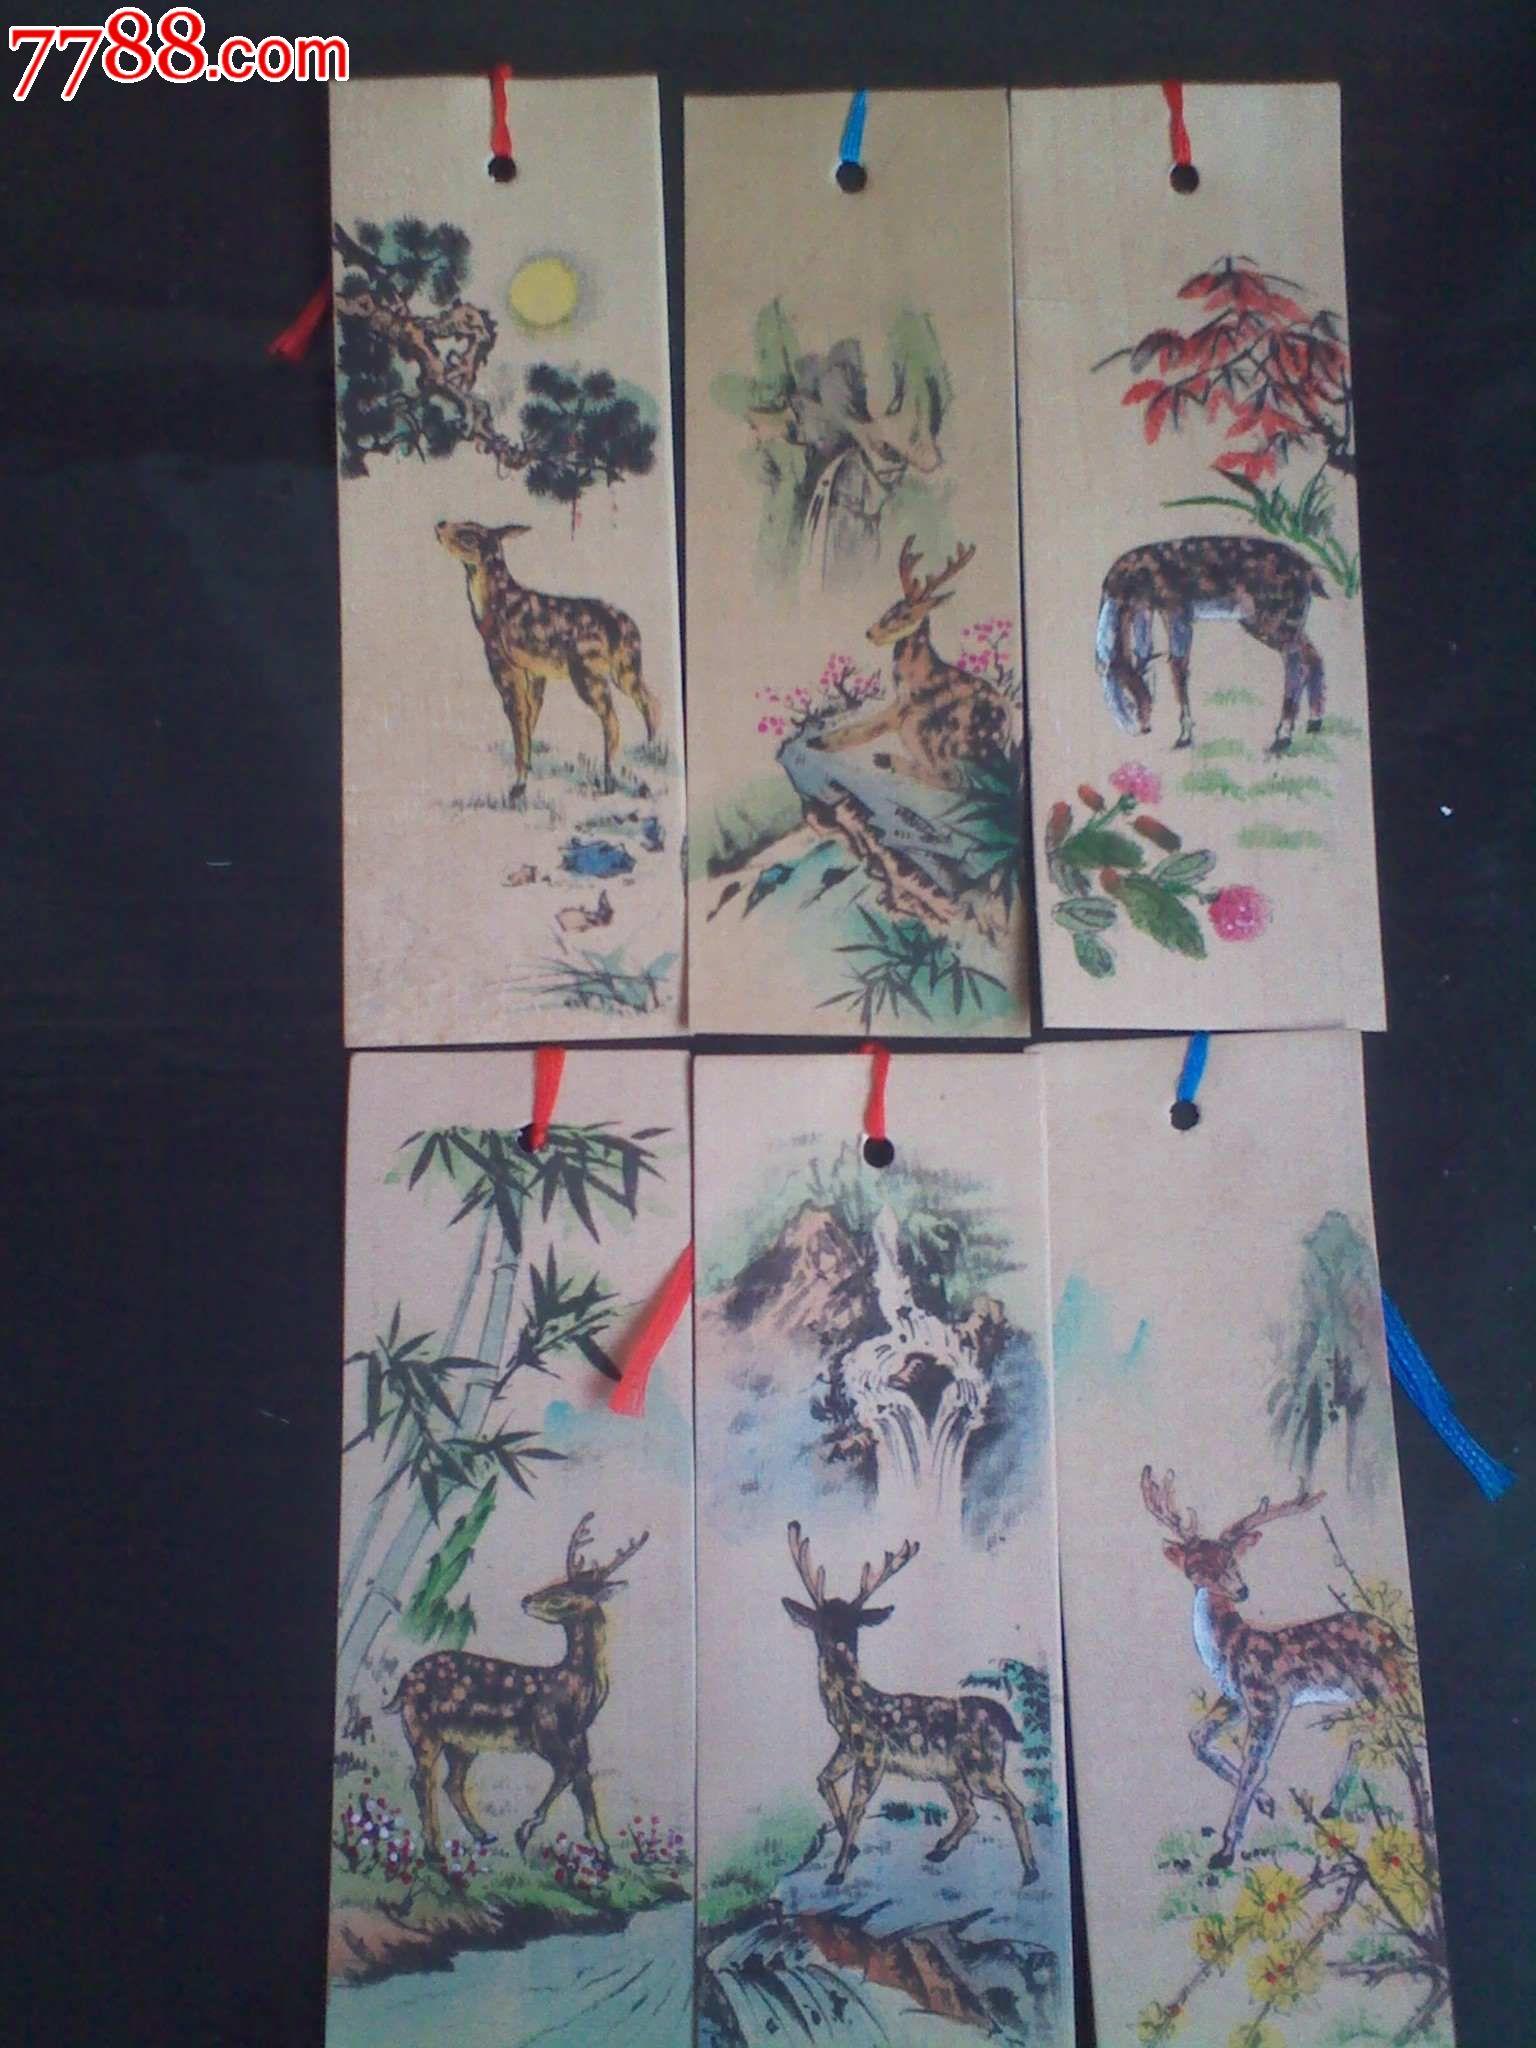 平面书签,产地不详,绢,长方形,套件 简介: 国画动物丝绸彩绘书签,制作